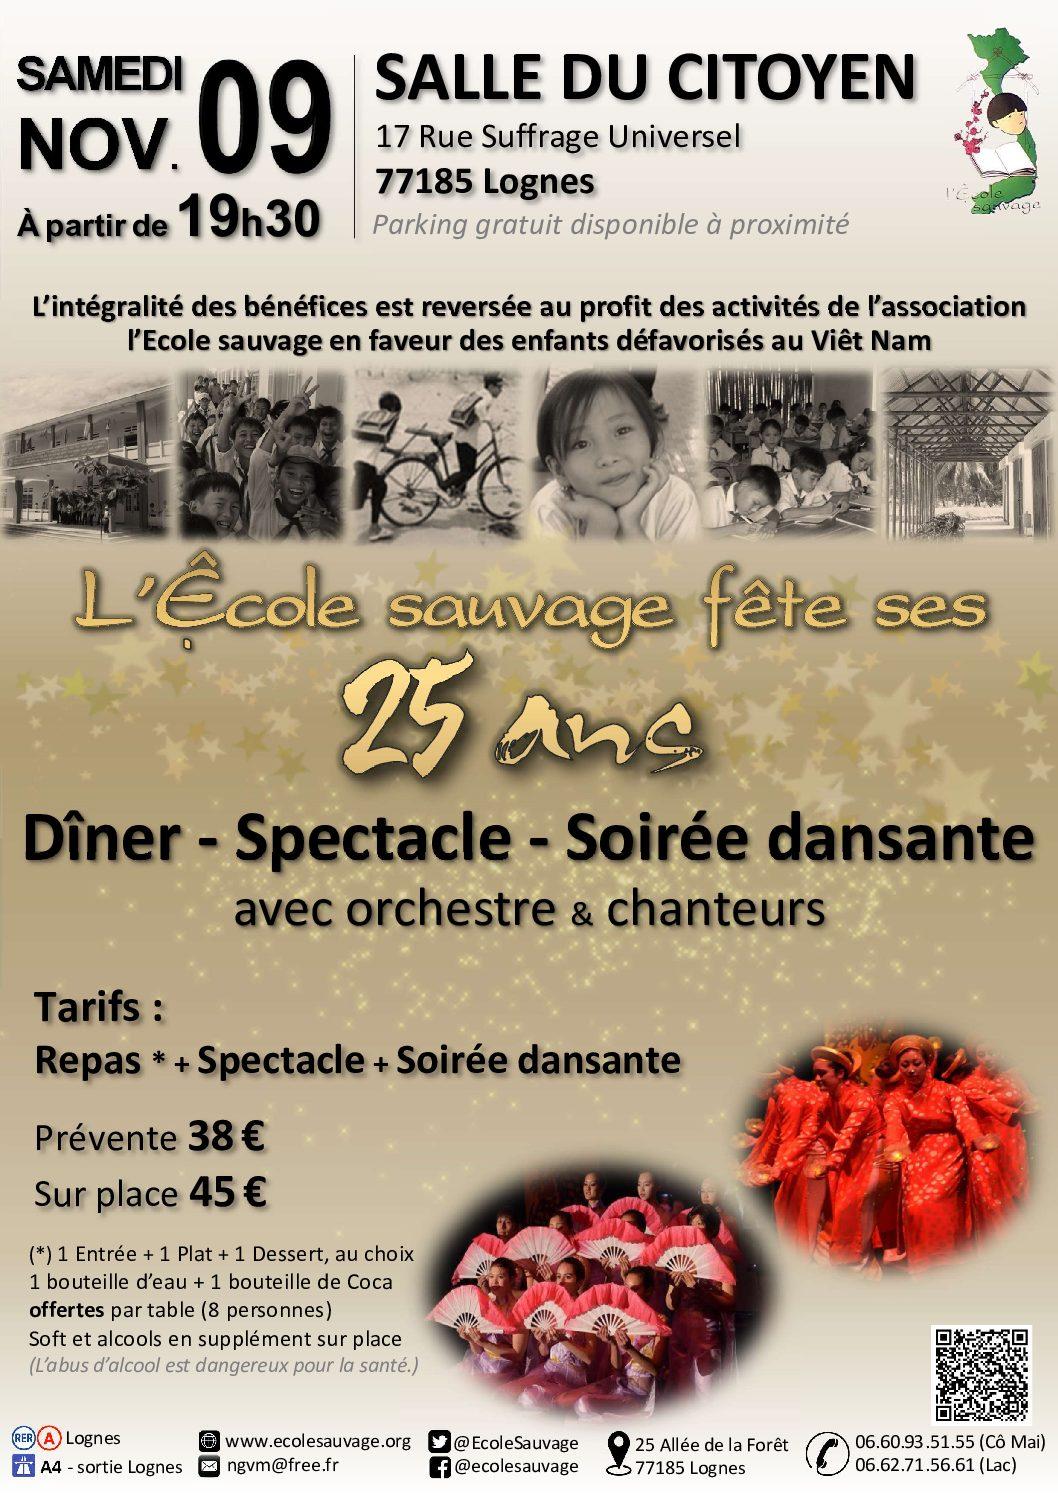 Soirée Dîner – Spectacle – Soirée dansante : l'Ecole sauvage fête ses 25 ans !